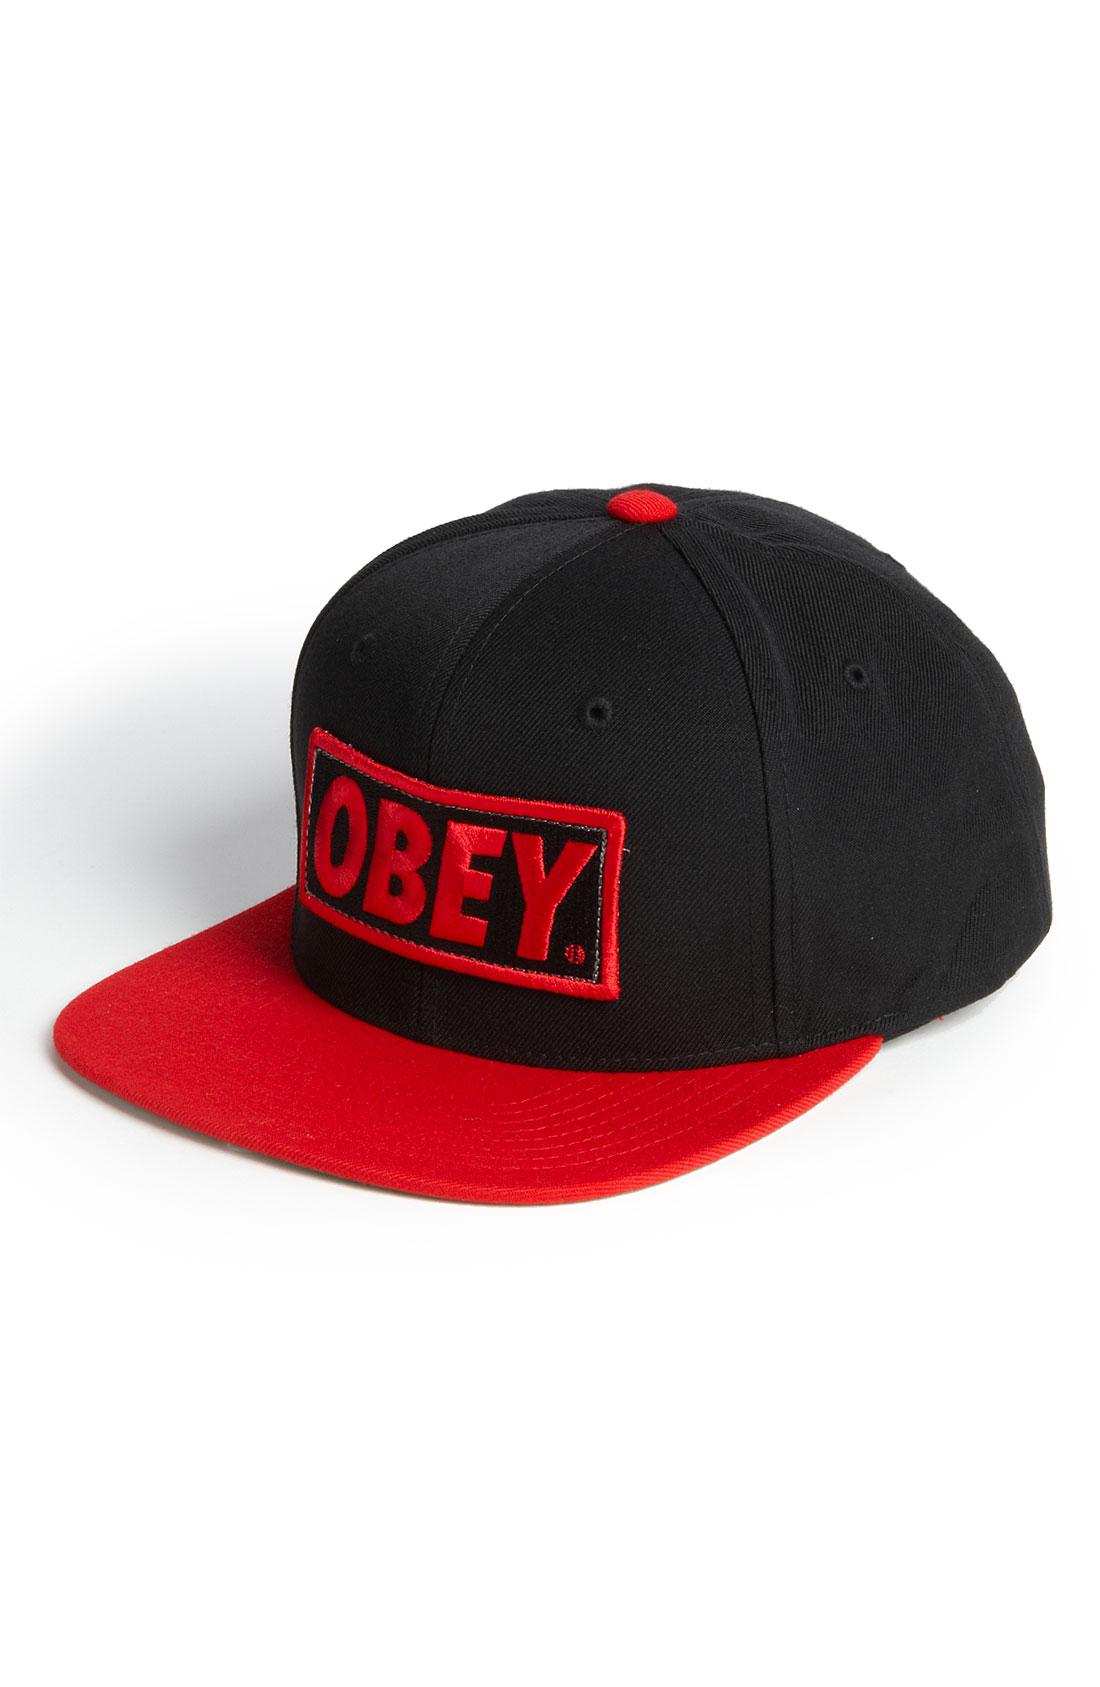 ... closeout original black obey snapback hat 7e1a6 36f3d b475bca1064